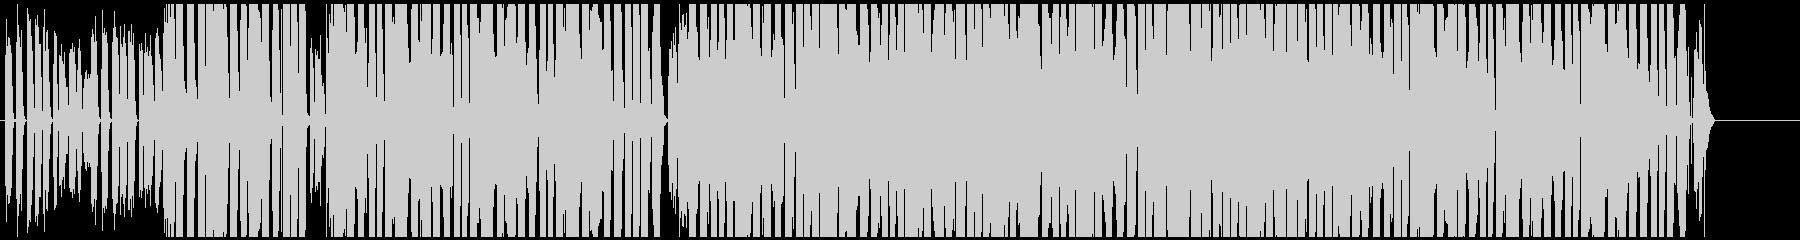 EDM 一風変わったプロモーションBGMの未再生の波形